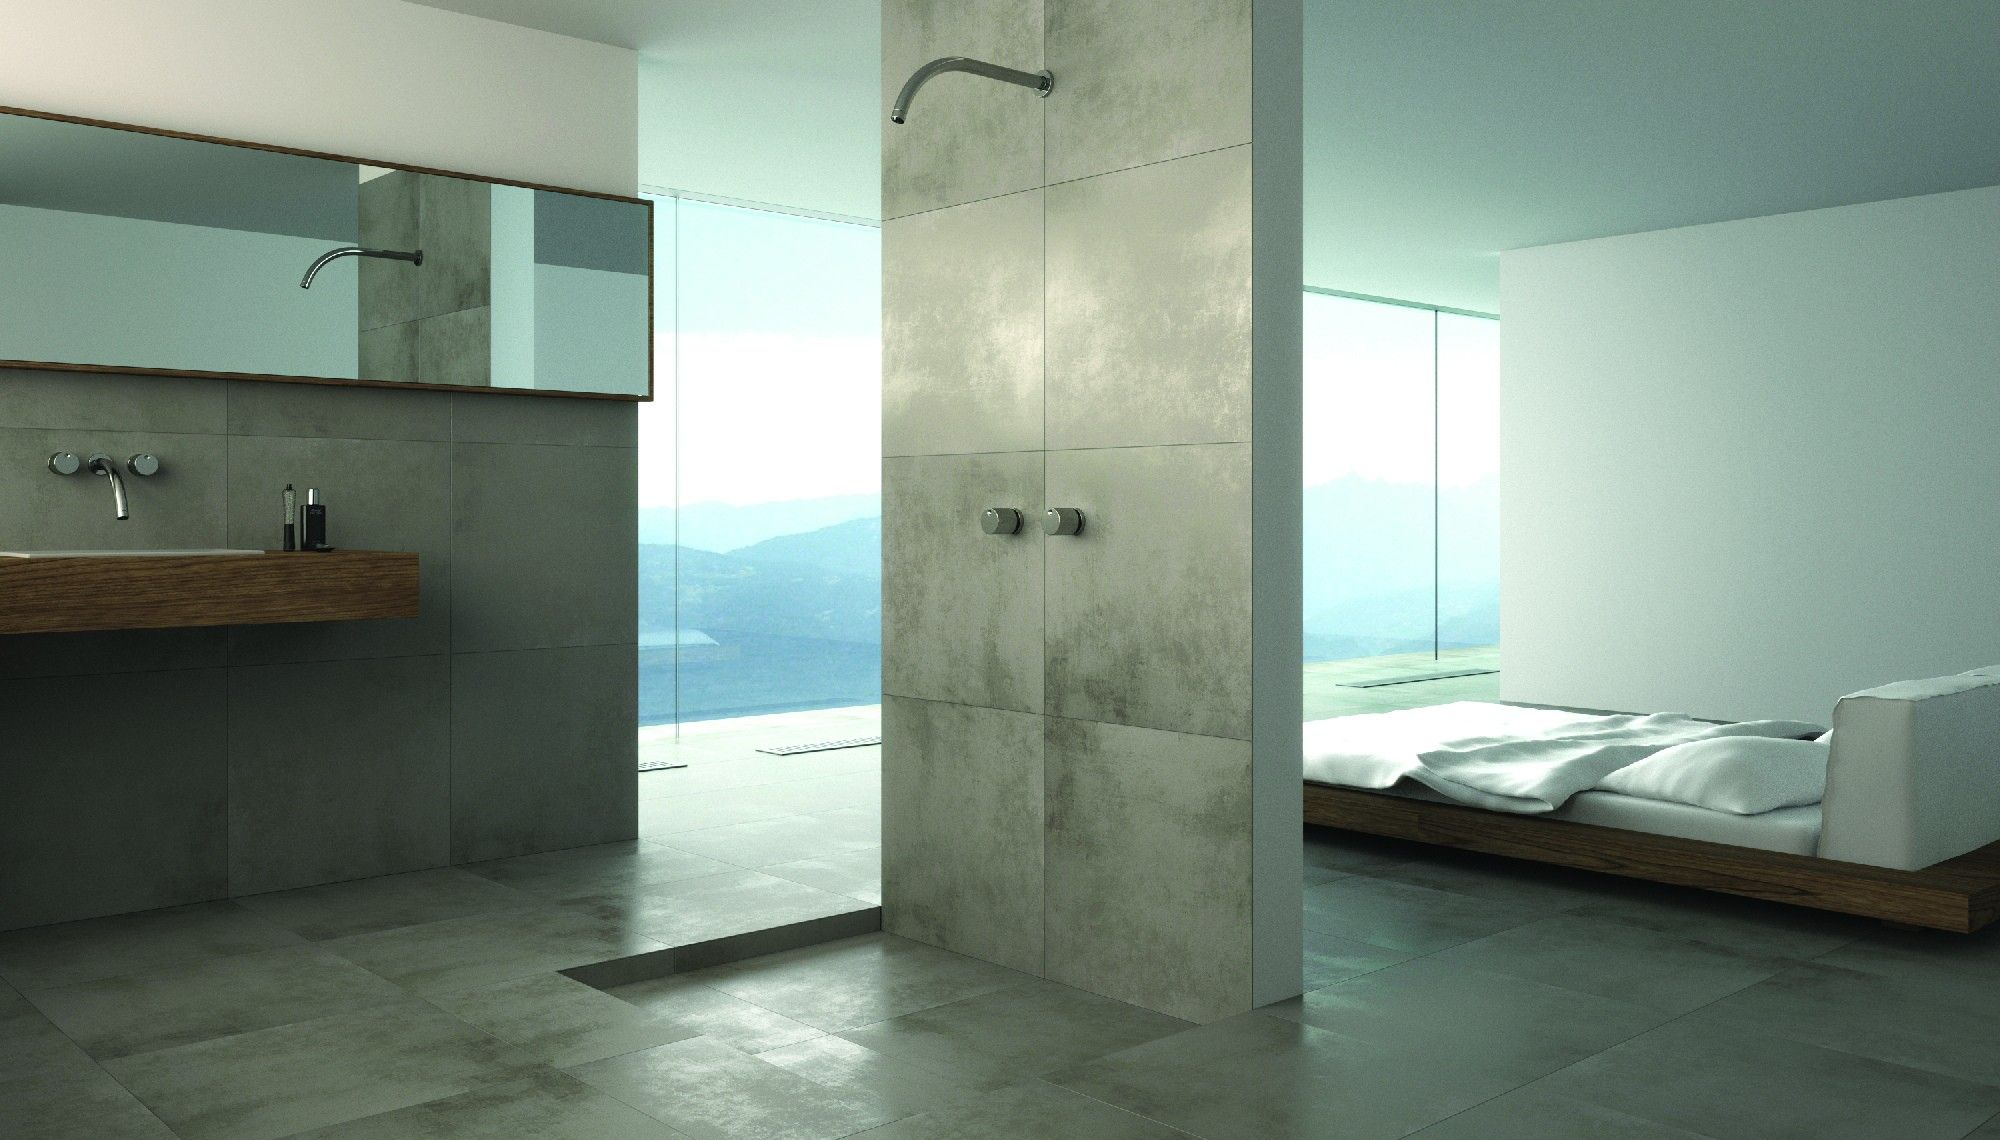 fliesenwelt bodenfliese ciment grigio 60x60cm jetzt g nstig kaufen bad fliesen betonoptik. Black Bedroom Furniture Sets. Home Design Ideas